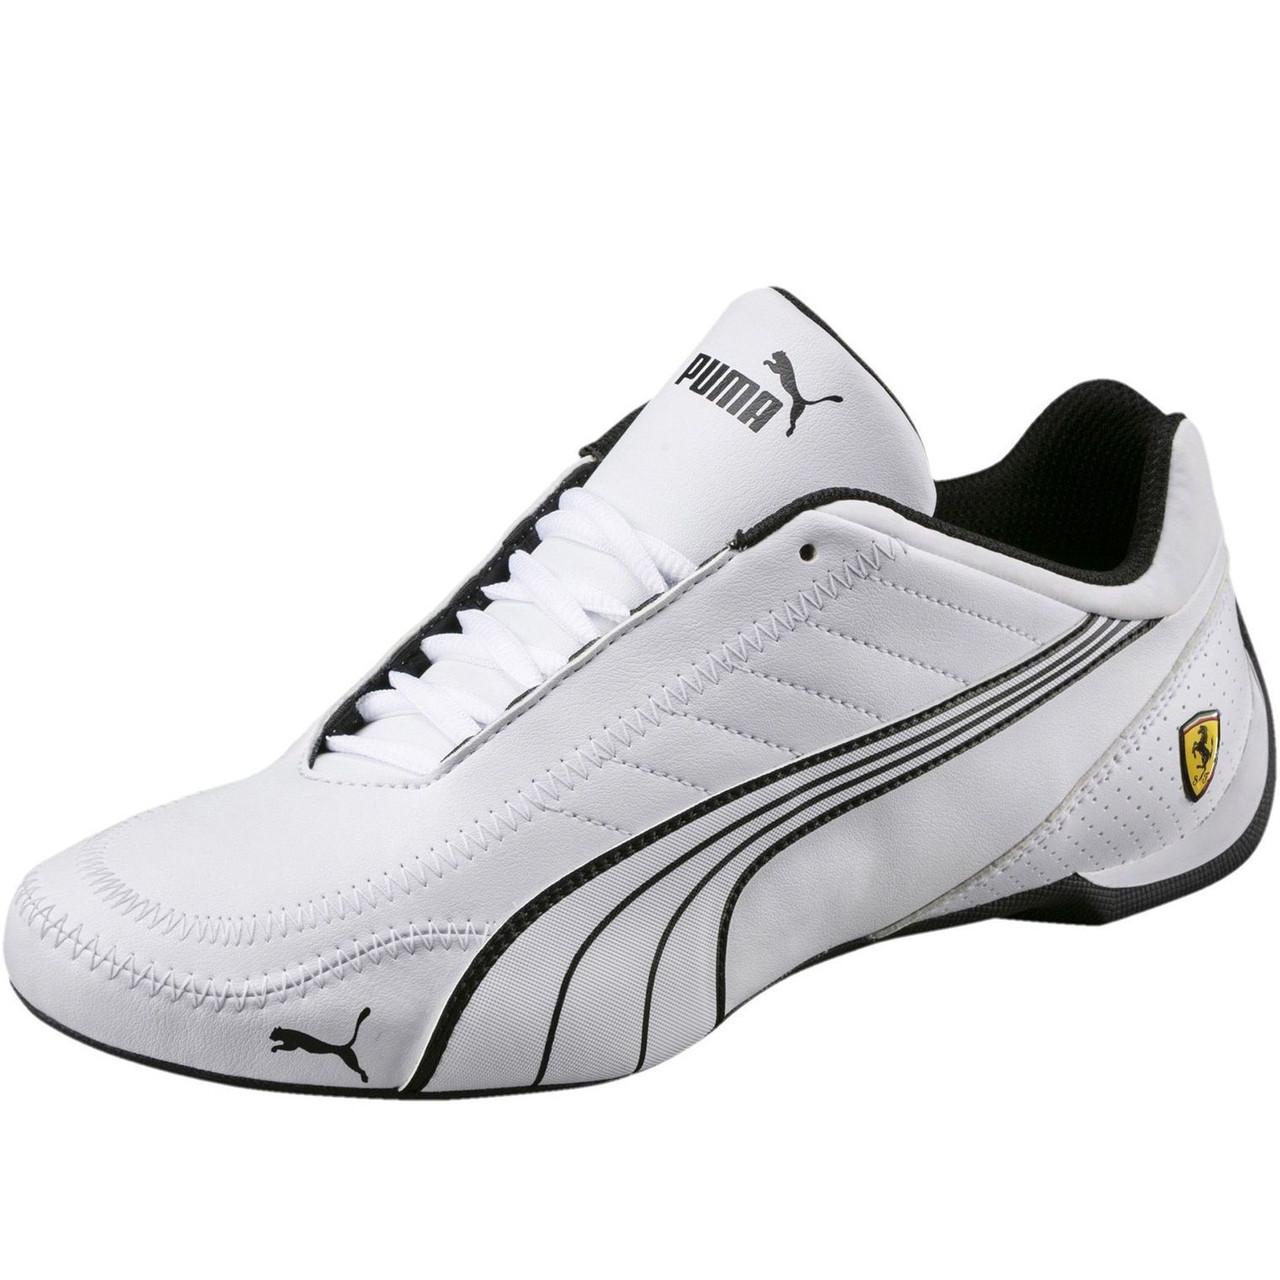 6504633c Кроссовки мужские Puma SF Ferrari Future Cat 306170 03 (белые,  повседневные, синтетика,